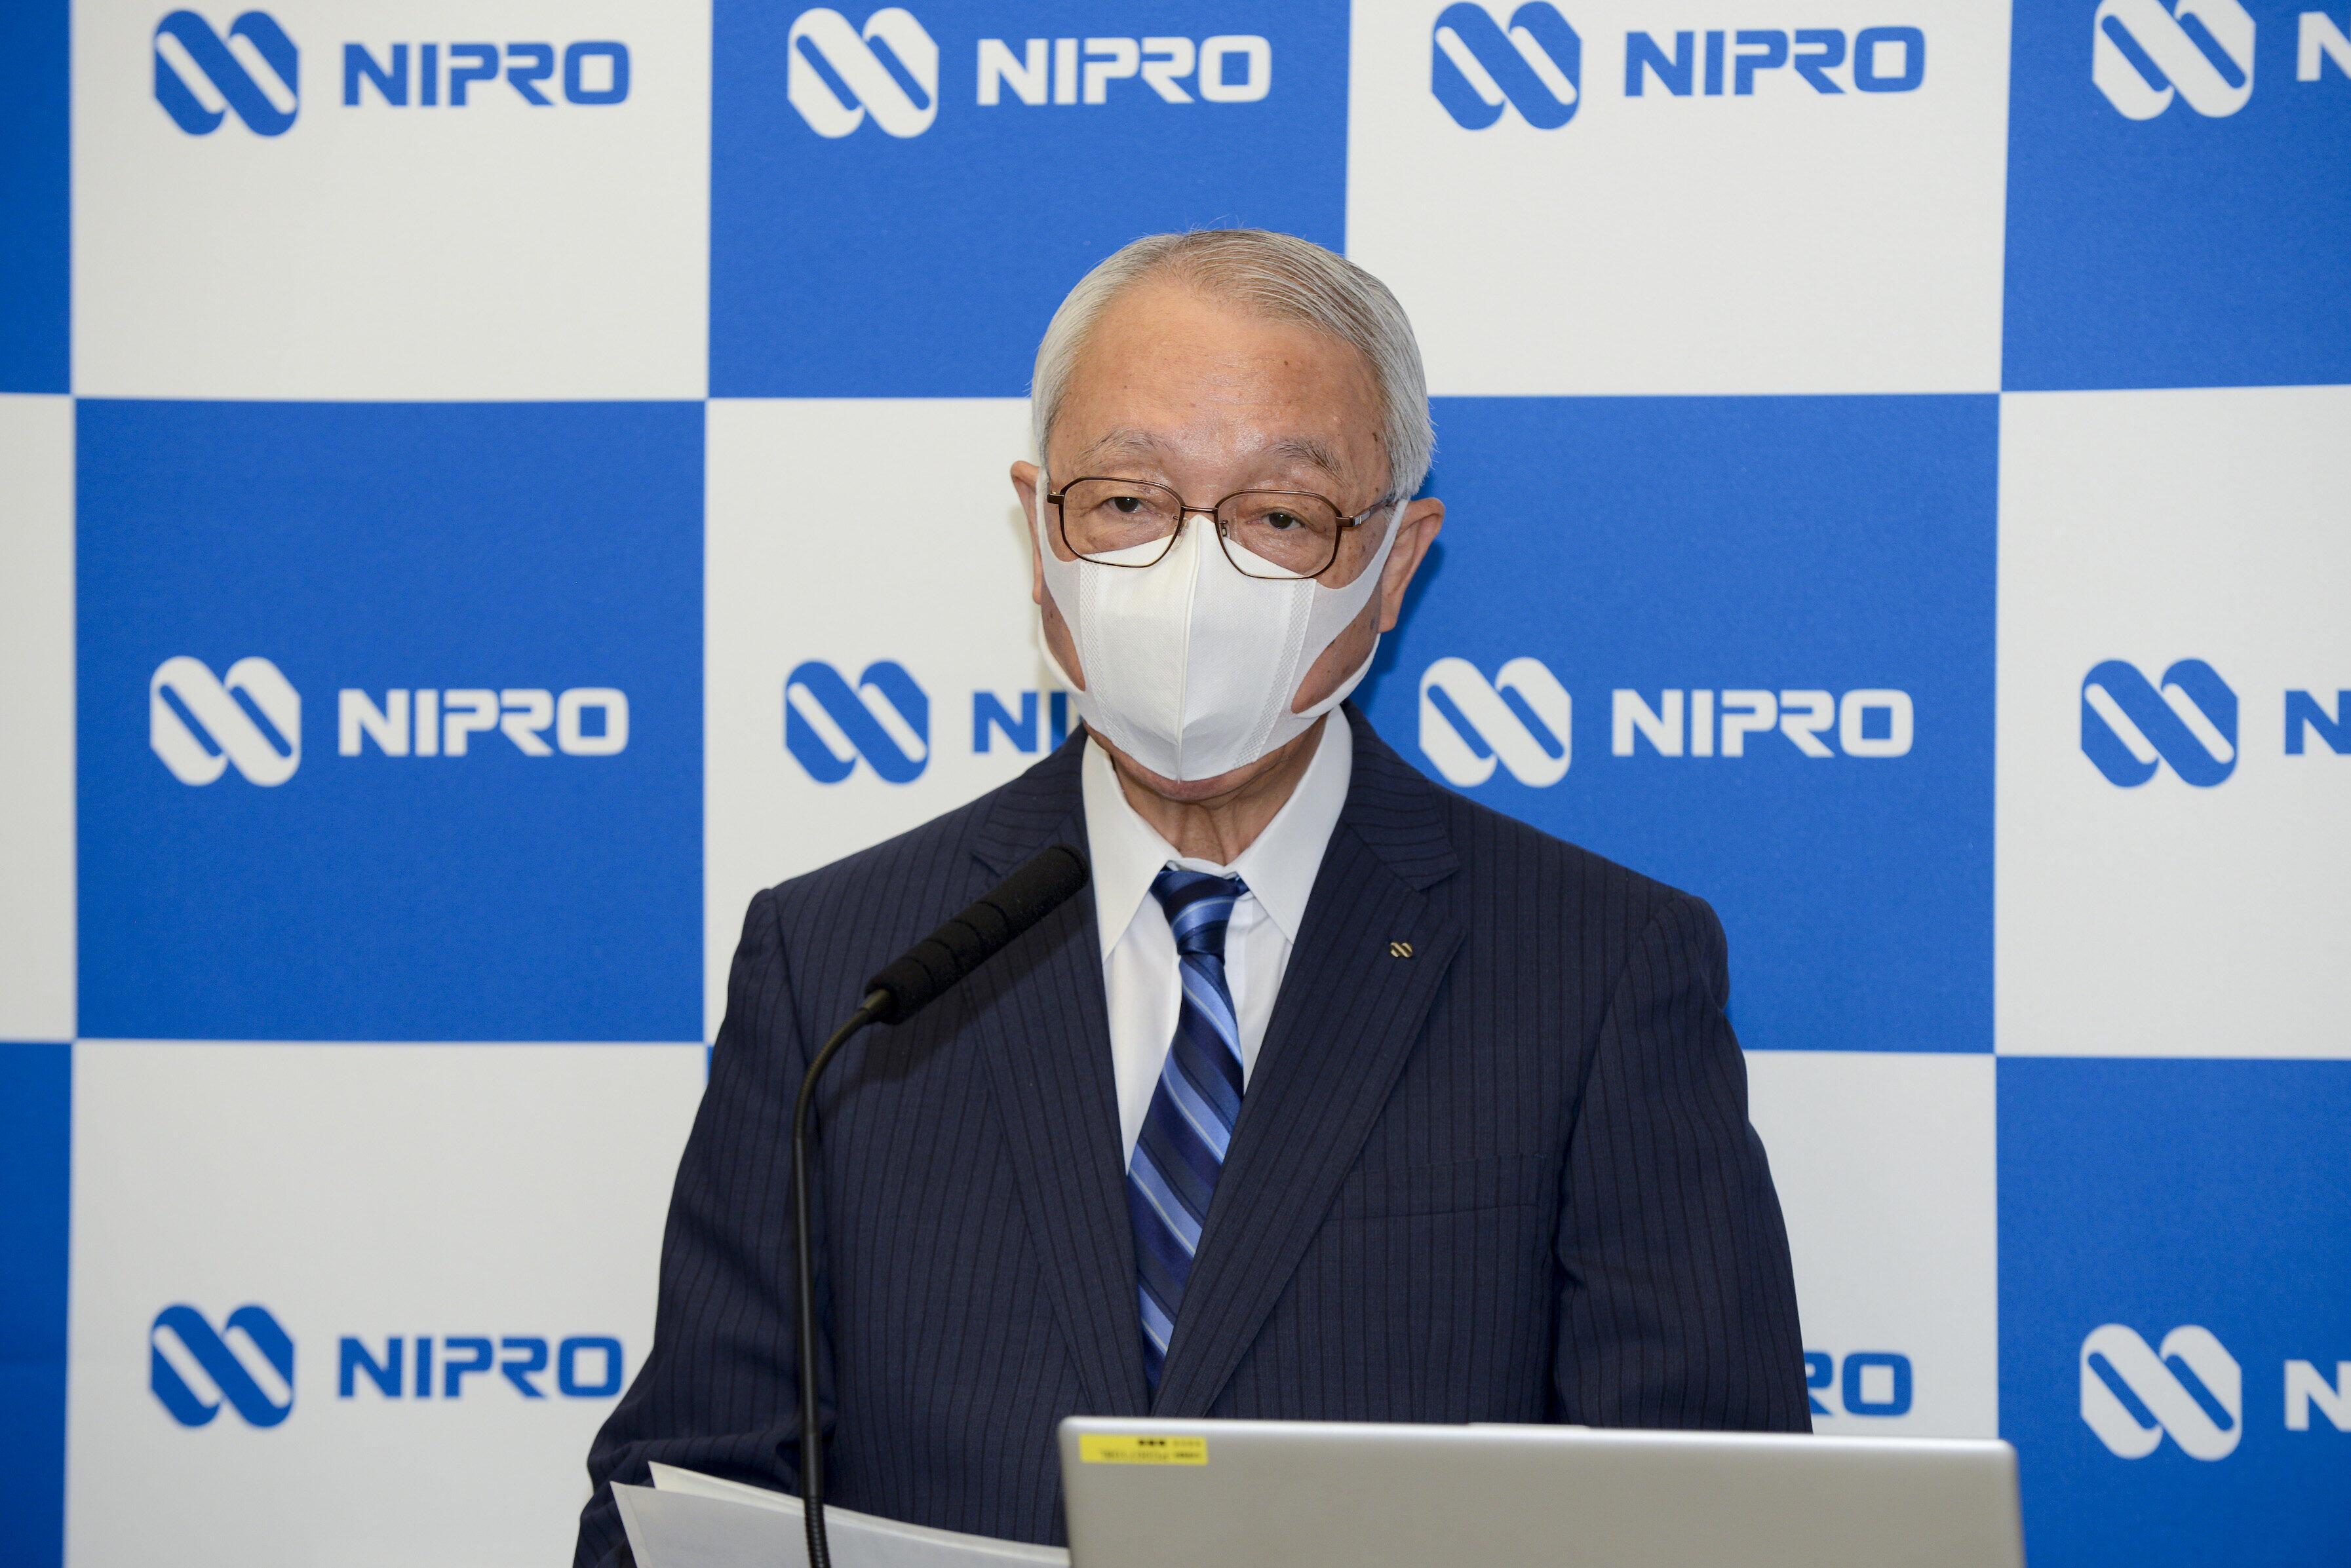 人体にやさしい「イオンレス」次亜塩素酸水を開発 噴霧に最適、医療機関で導入進む